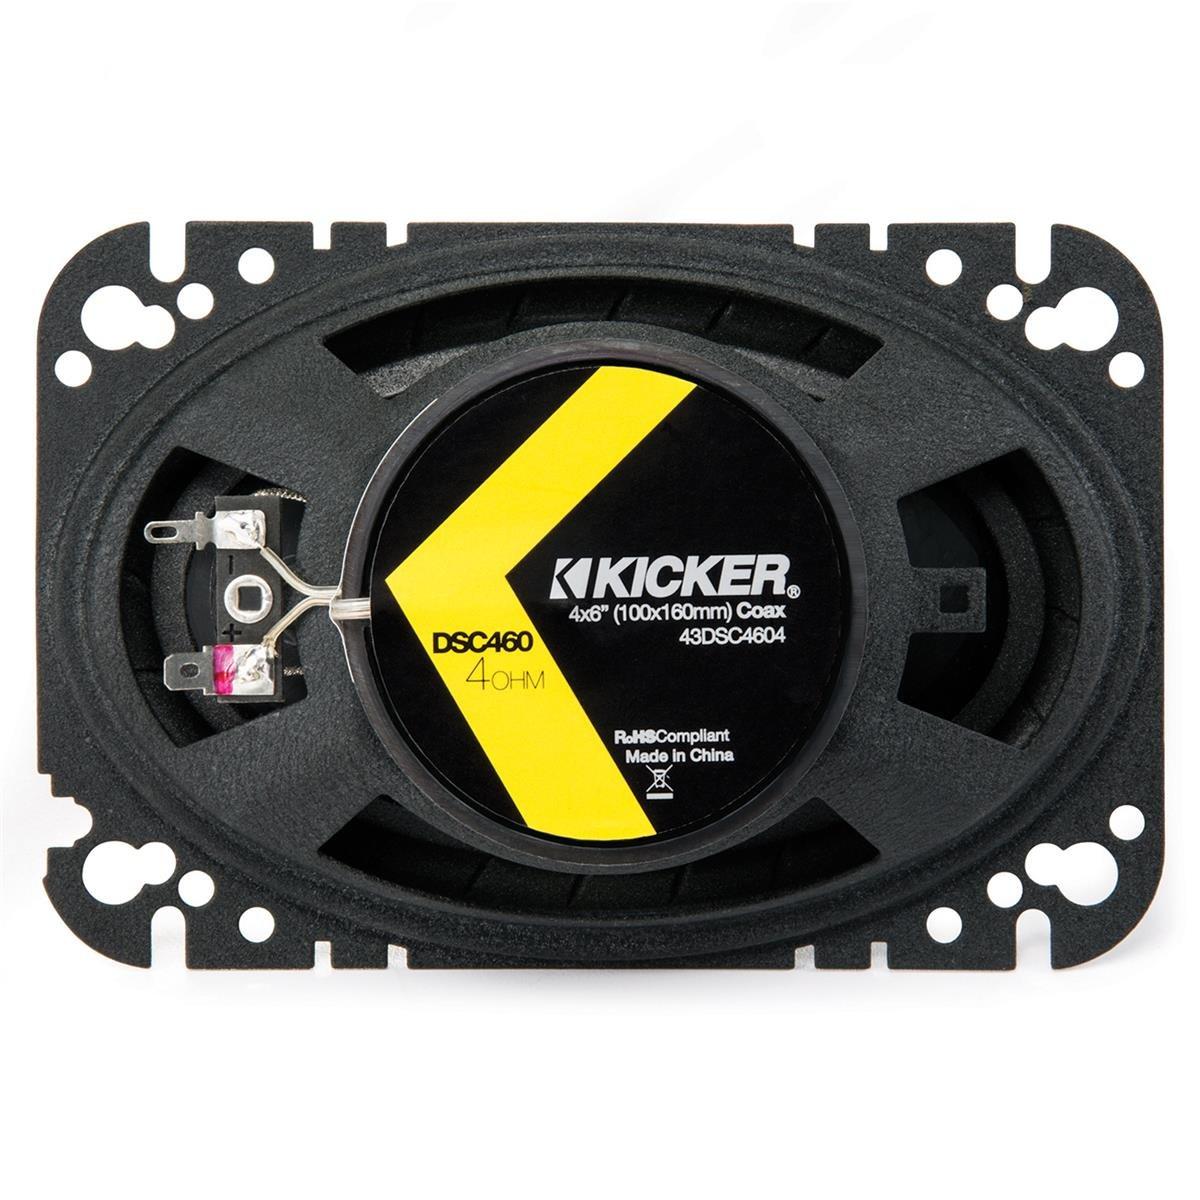 Kicker 43DSC4604 4x6 2-way Speaker Pair by Kicker (Image #1)